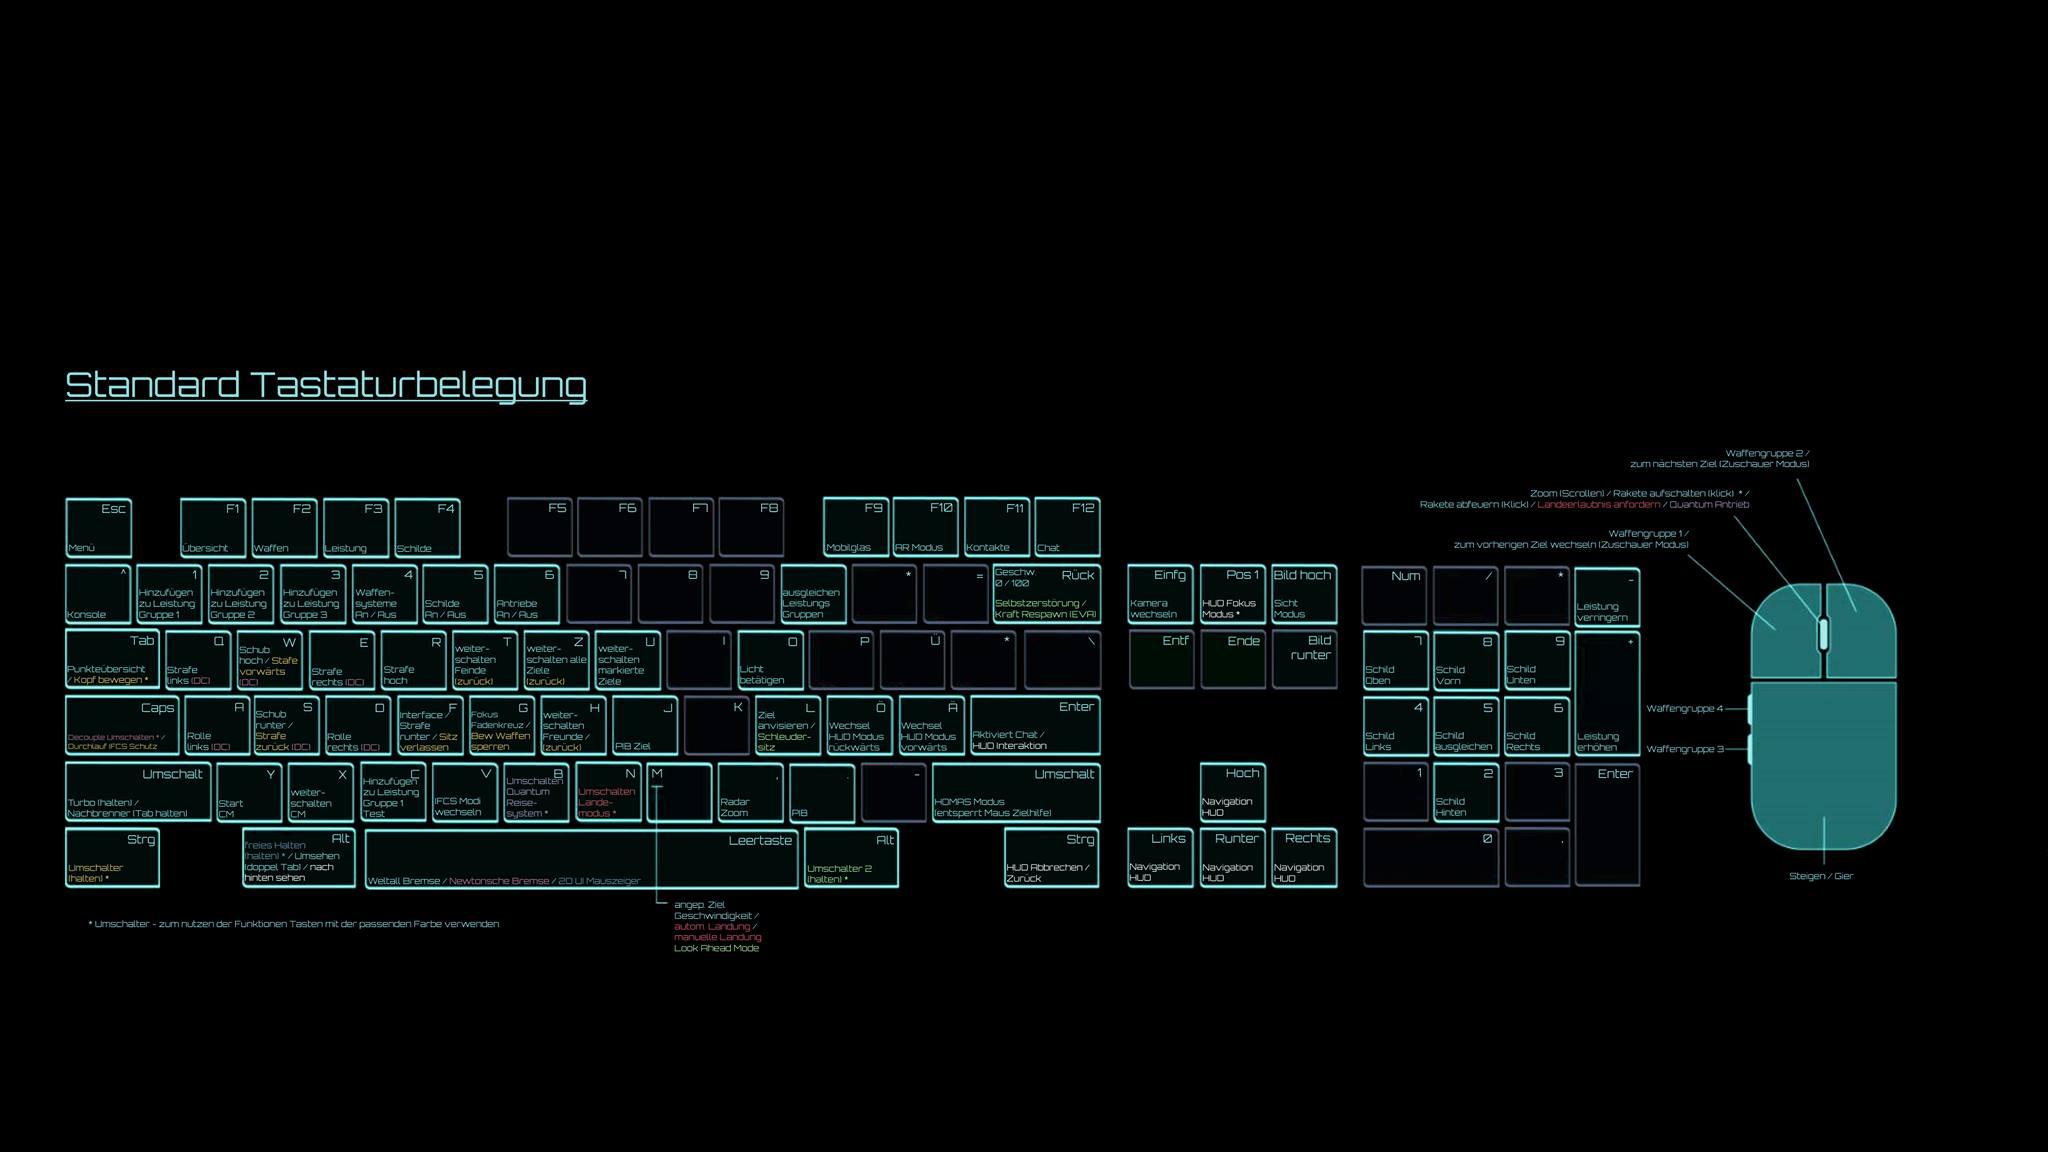 SC-20-Tastaturlayout-GER